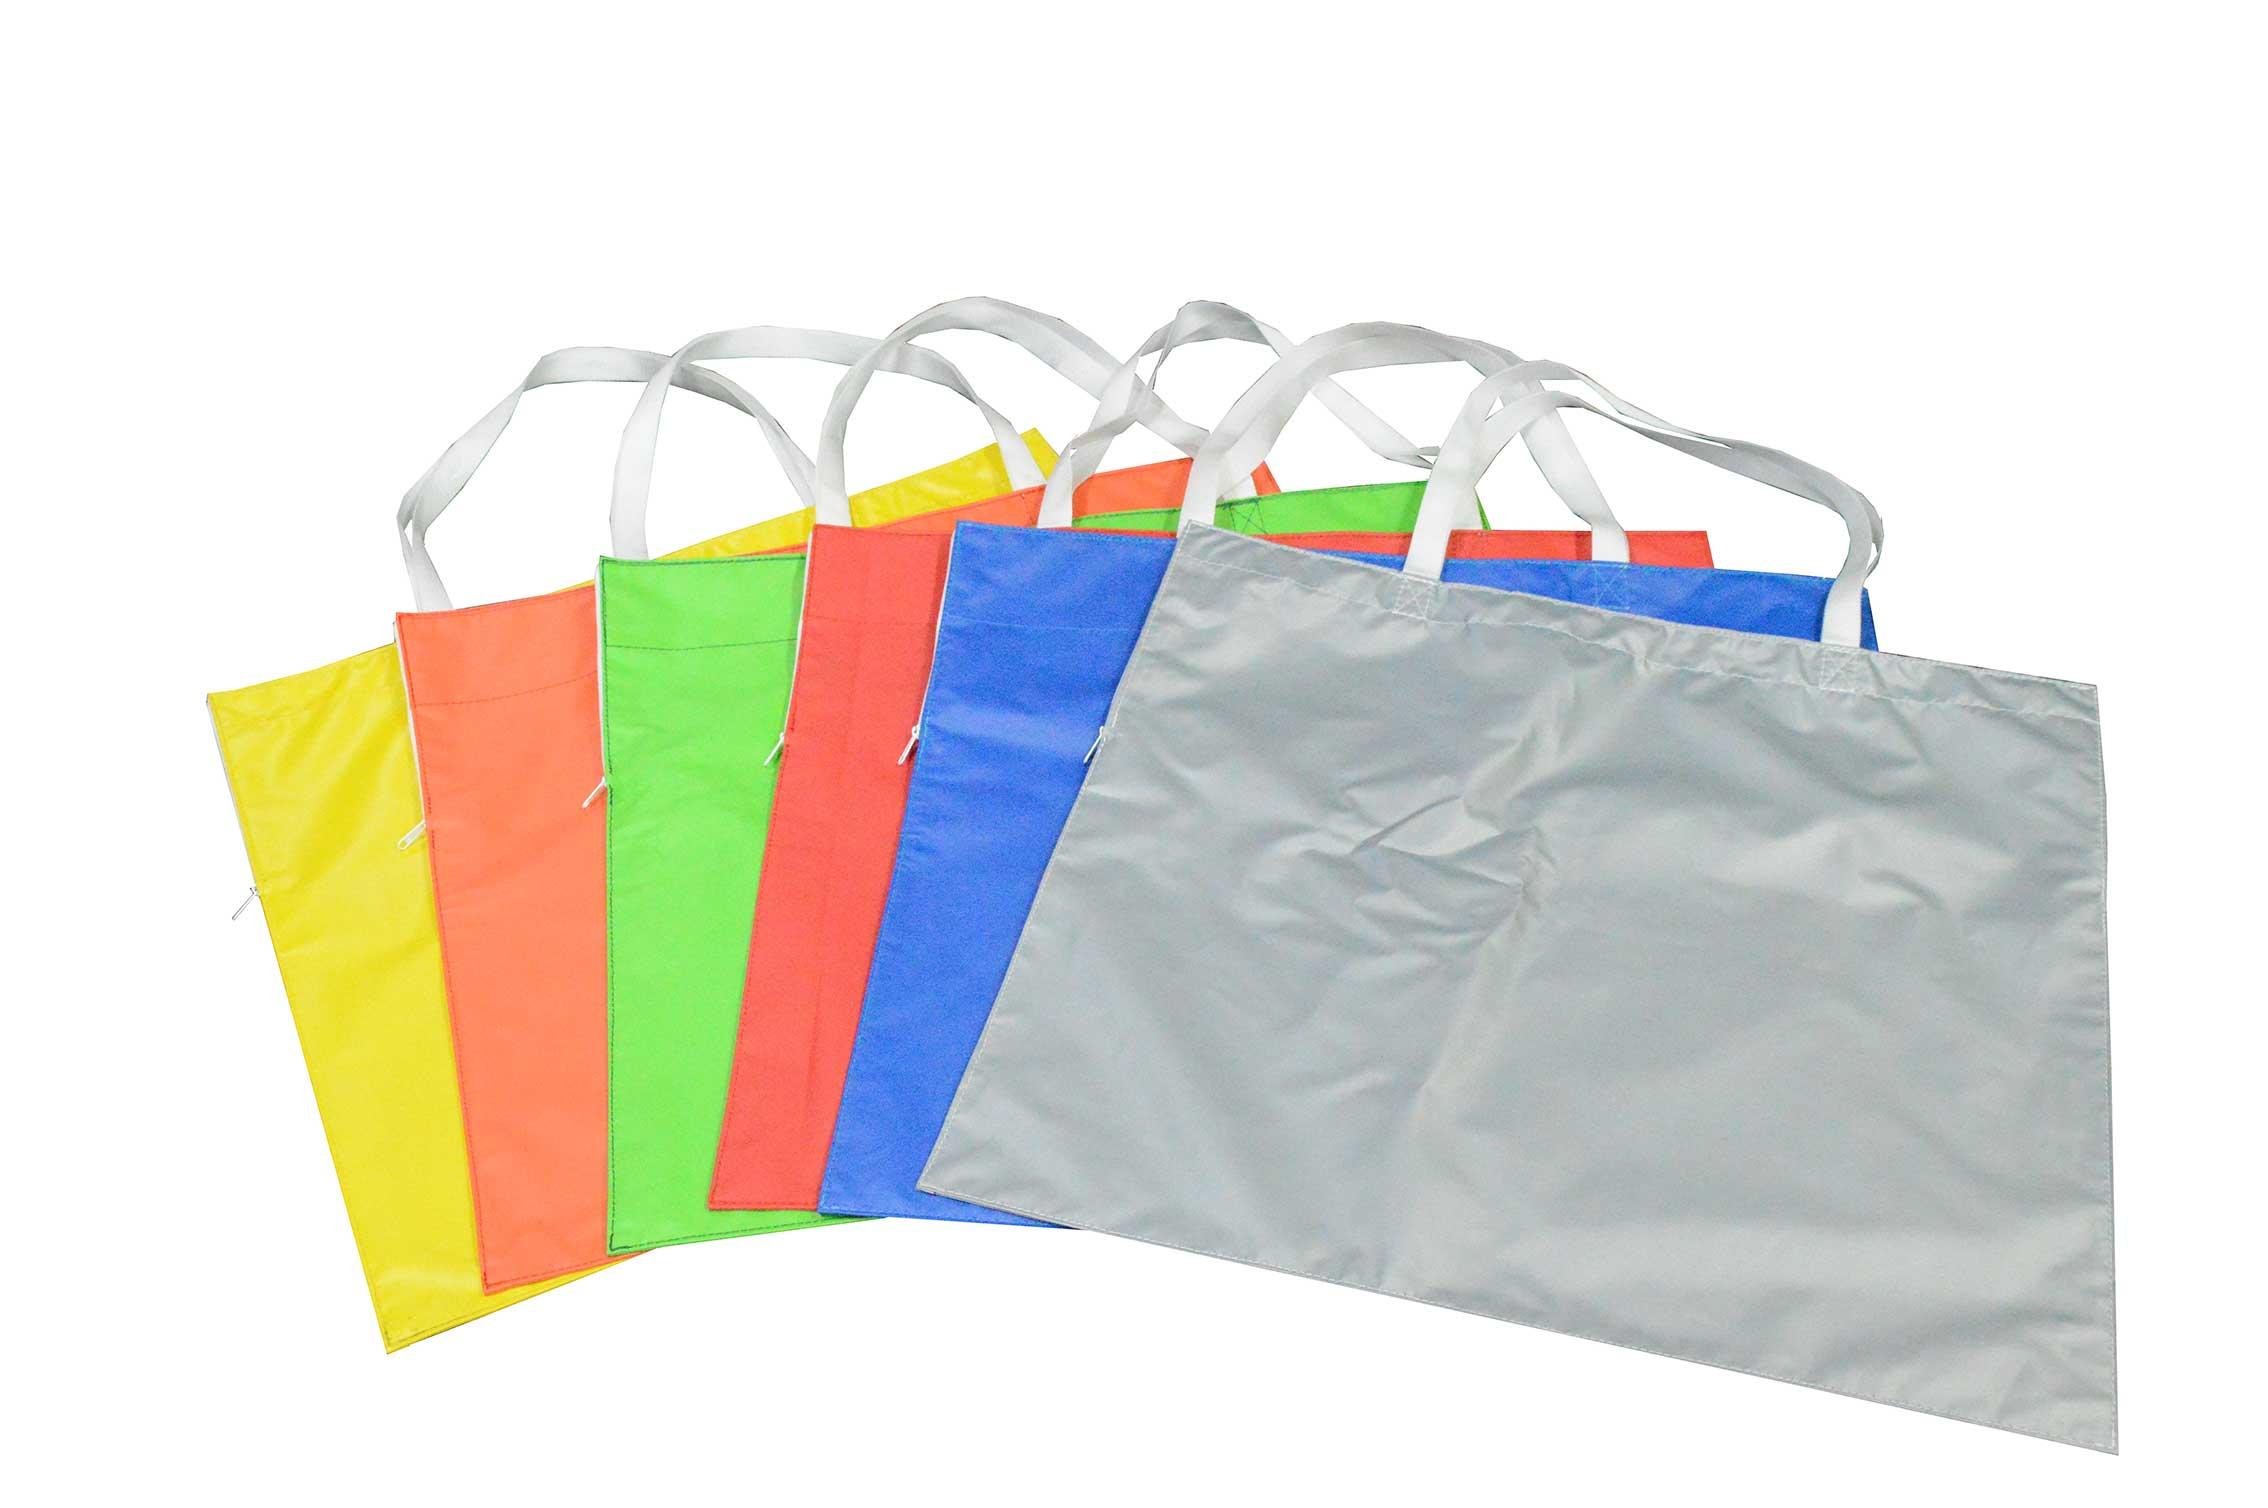 スポーツマット ストレッチマット収納袋